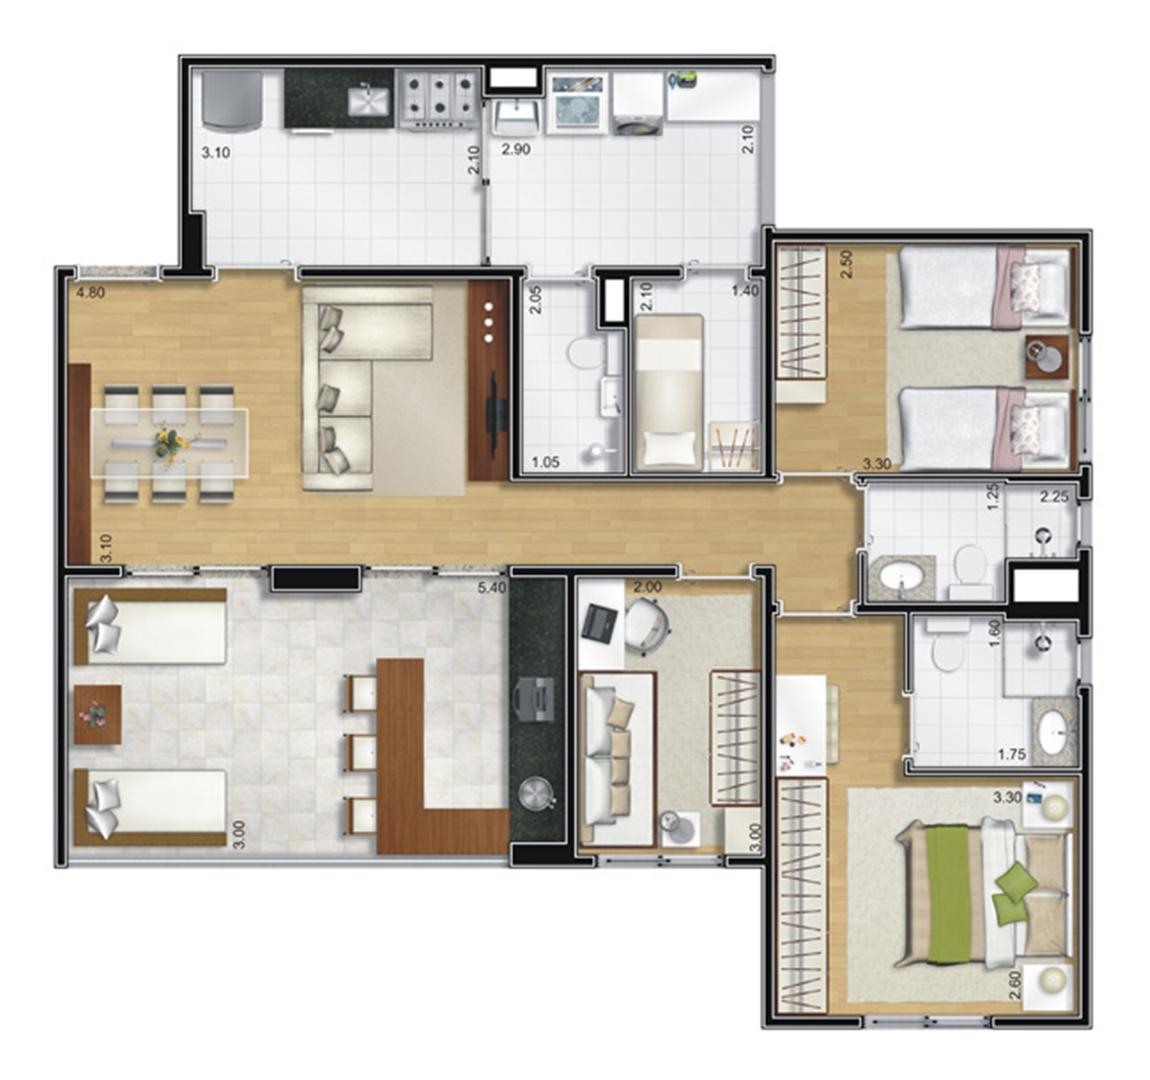 Planta tipo 95 m² | Camino – Apartamento no  Belém - São Paulo - São Paulo